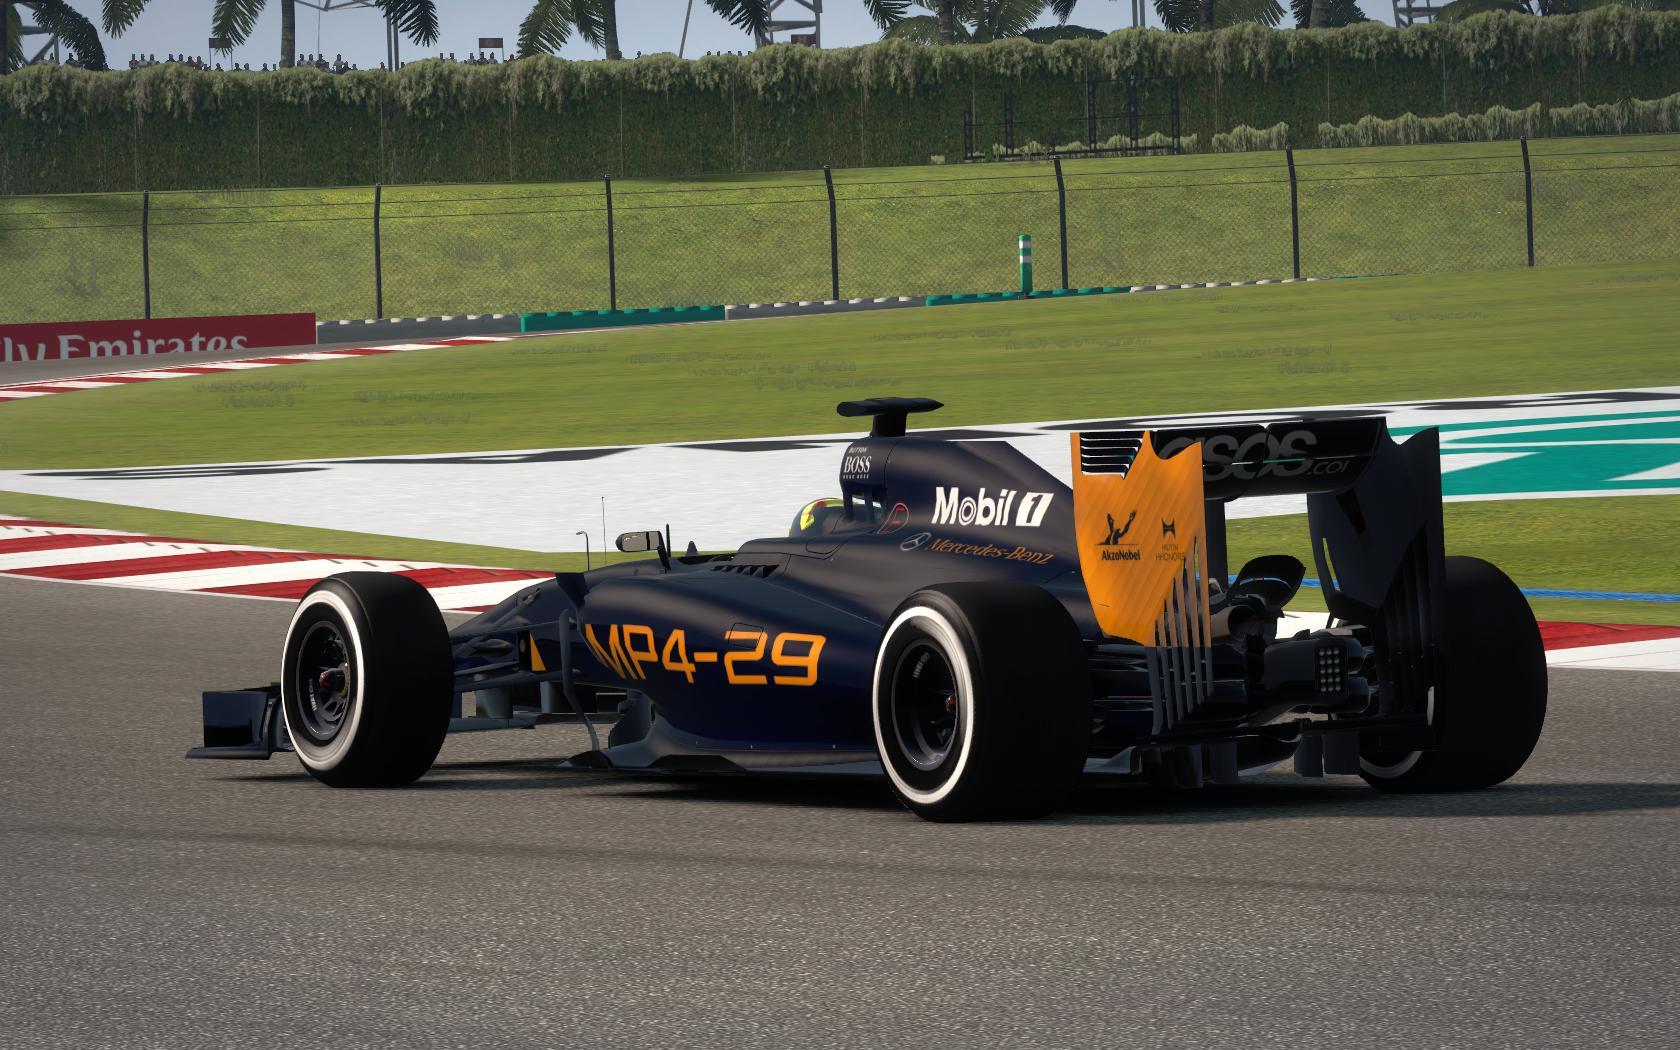 F1_2014 2016-04-16 13-12-21-33.jpg